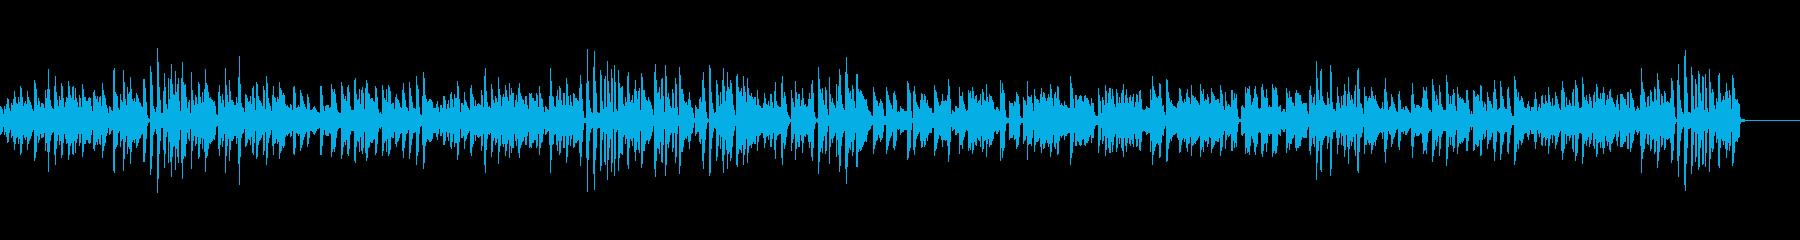 のんびりでのどか ほのぼのピアノBGMの再生済みの波形